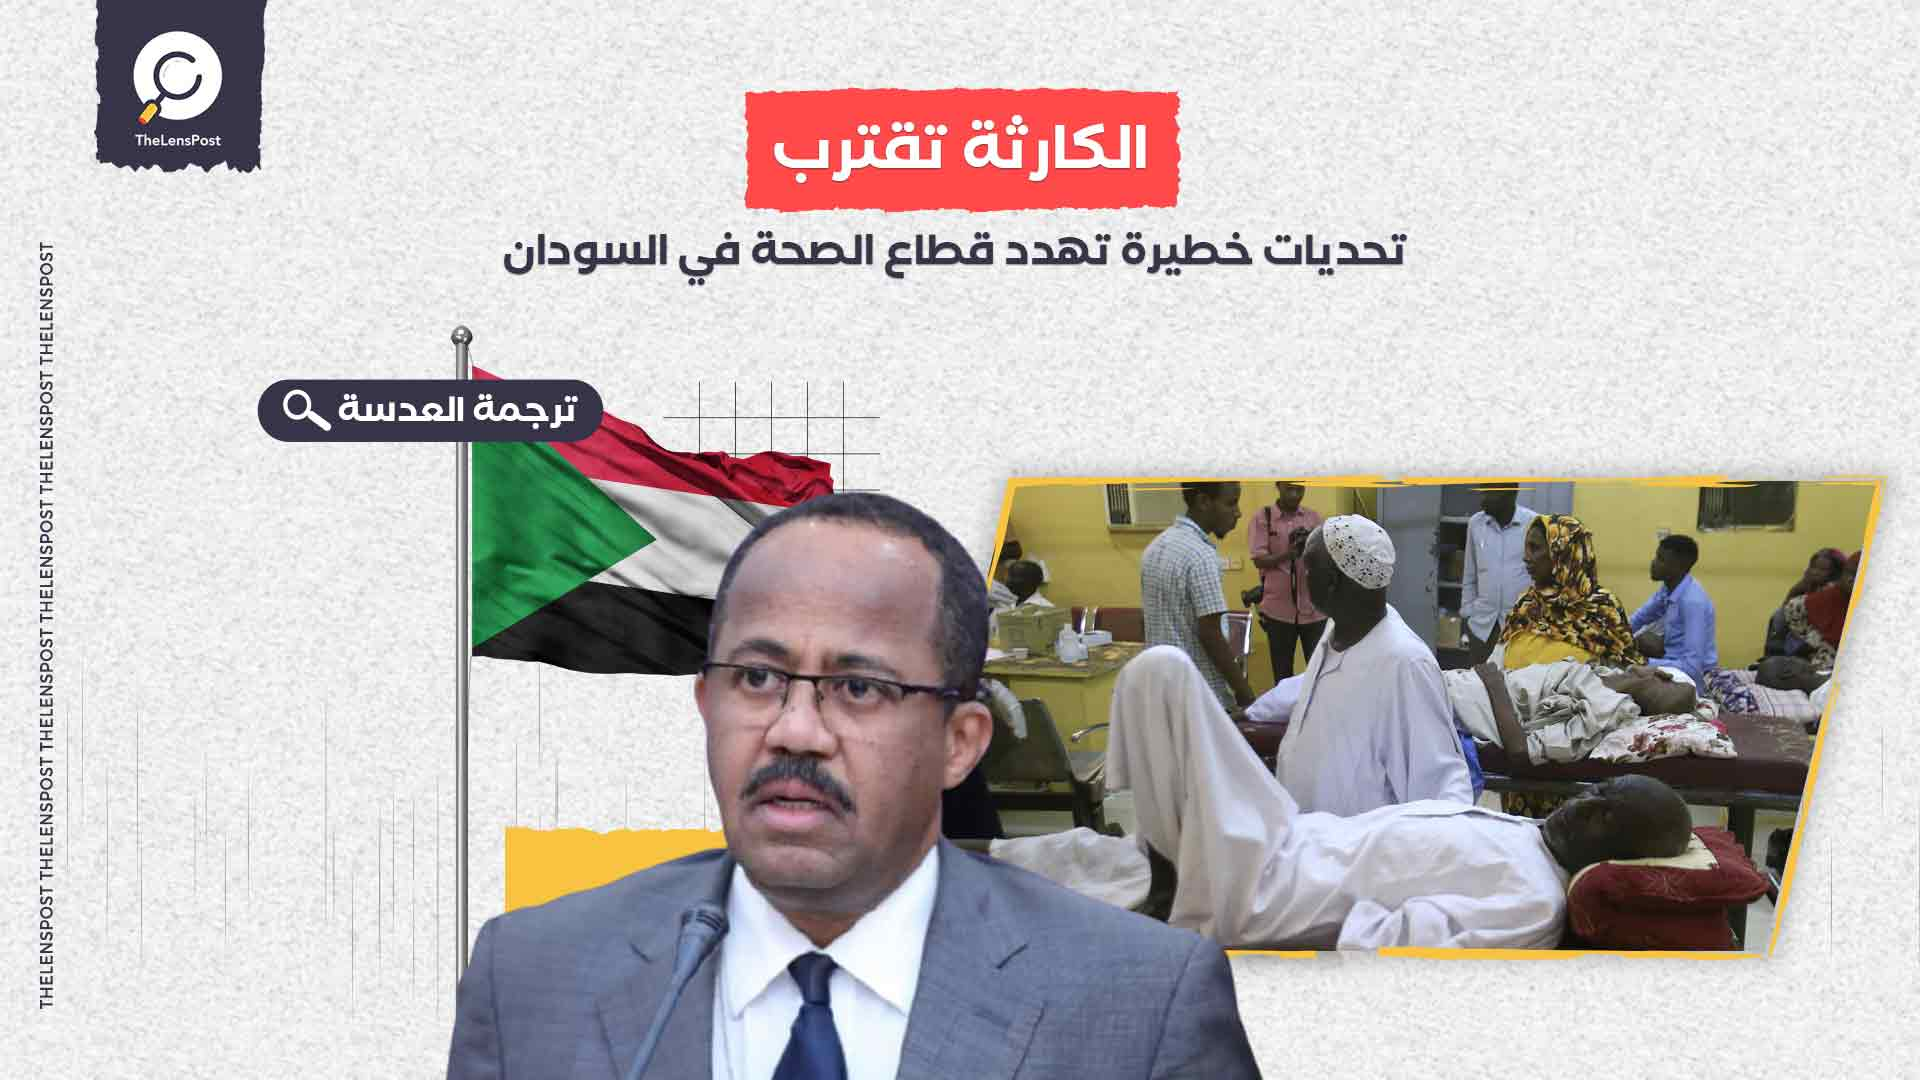 الكارثة تقترب… تحديات خطيرة تهدد قطاع الصحة في السودان